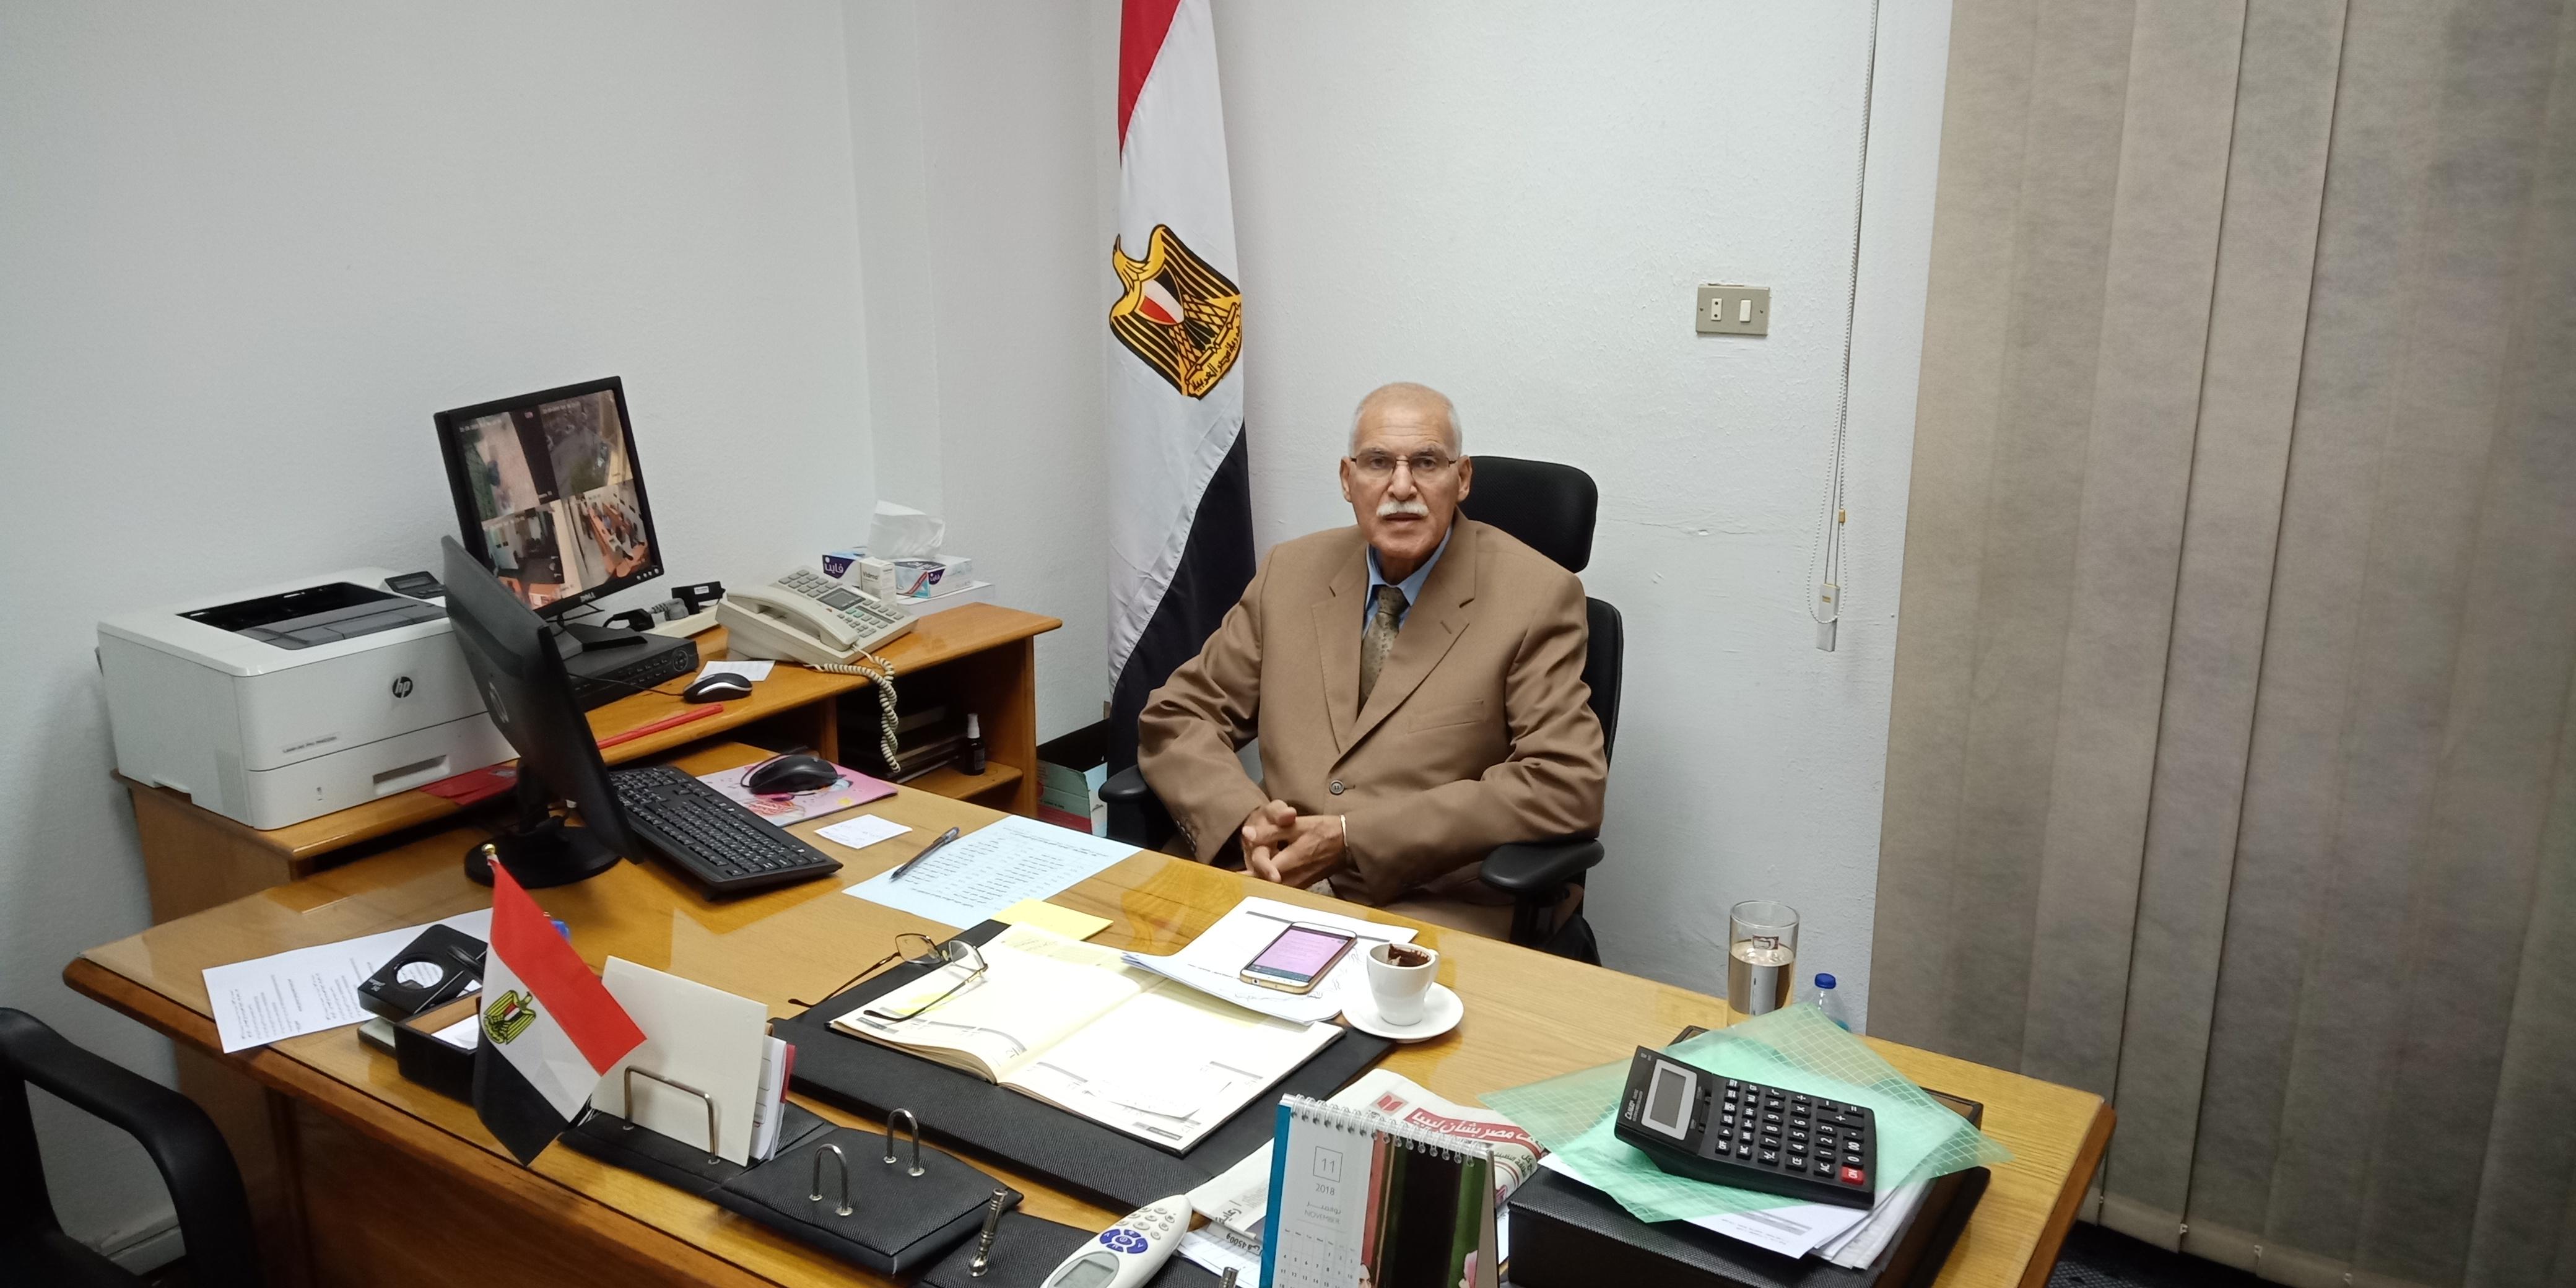 رئيس فرع جهاز تنمية المشروعات الصغيرة بالقليوبية (1)